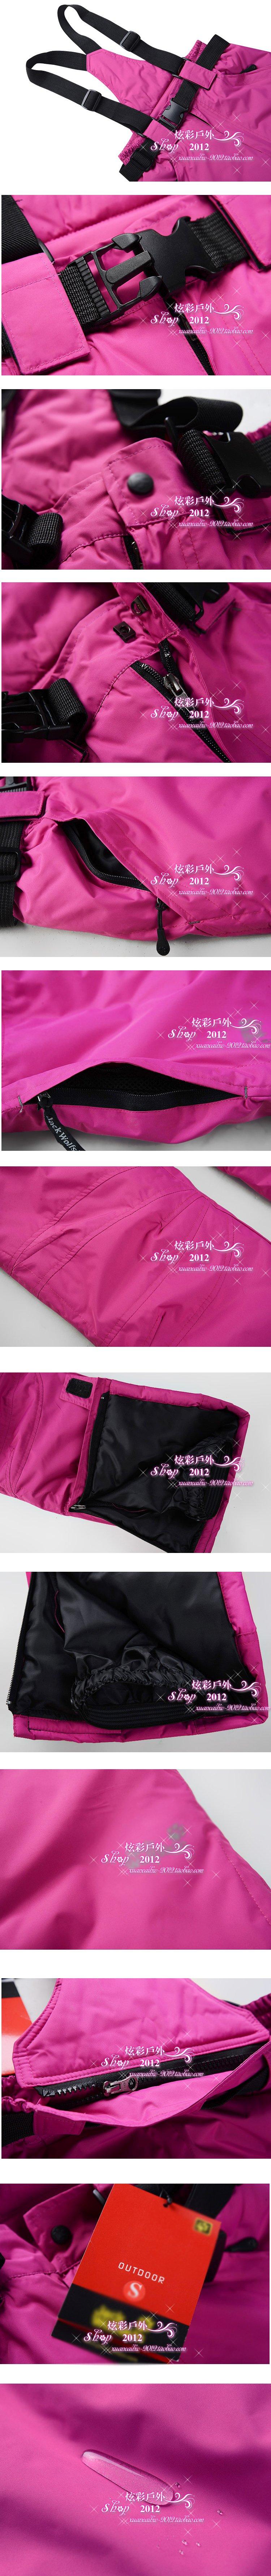 Лыжные, сноубордические брюки мужские и женские, горнолыжные штаны